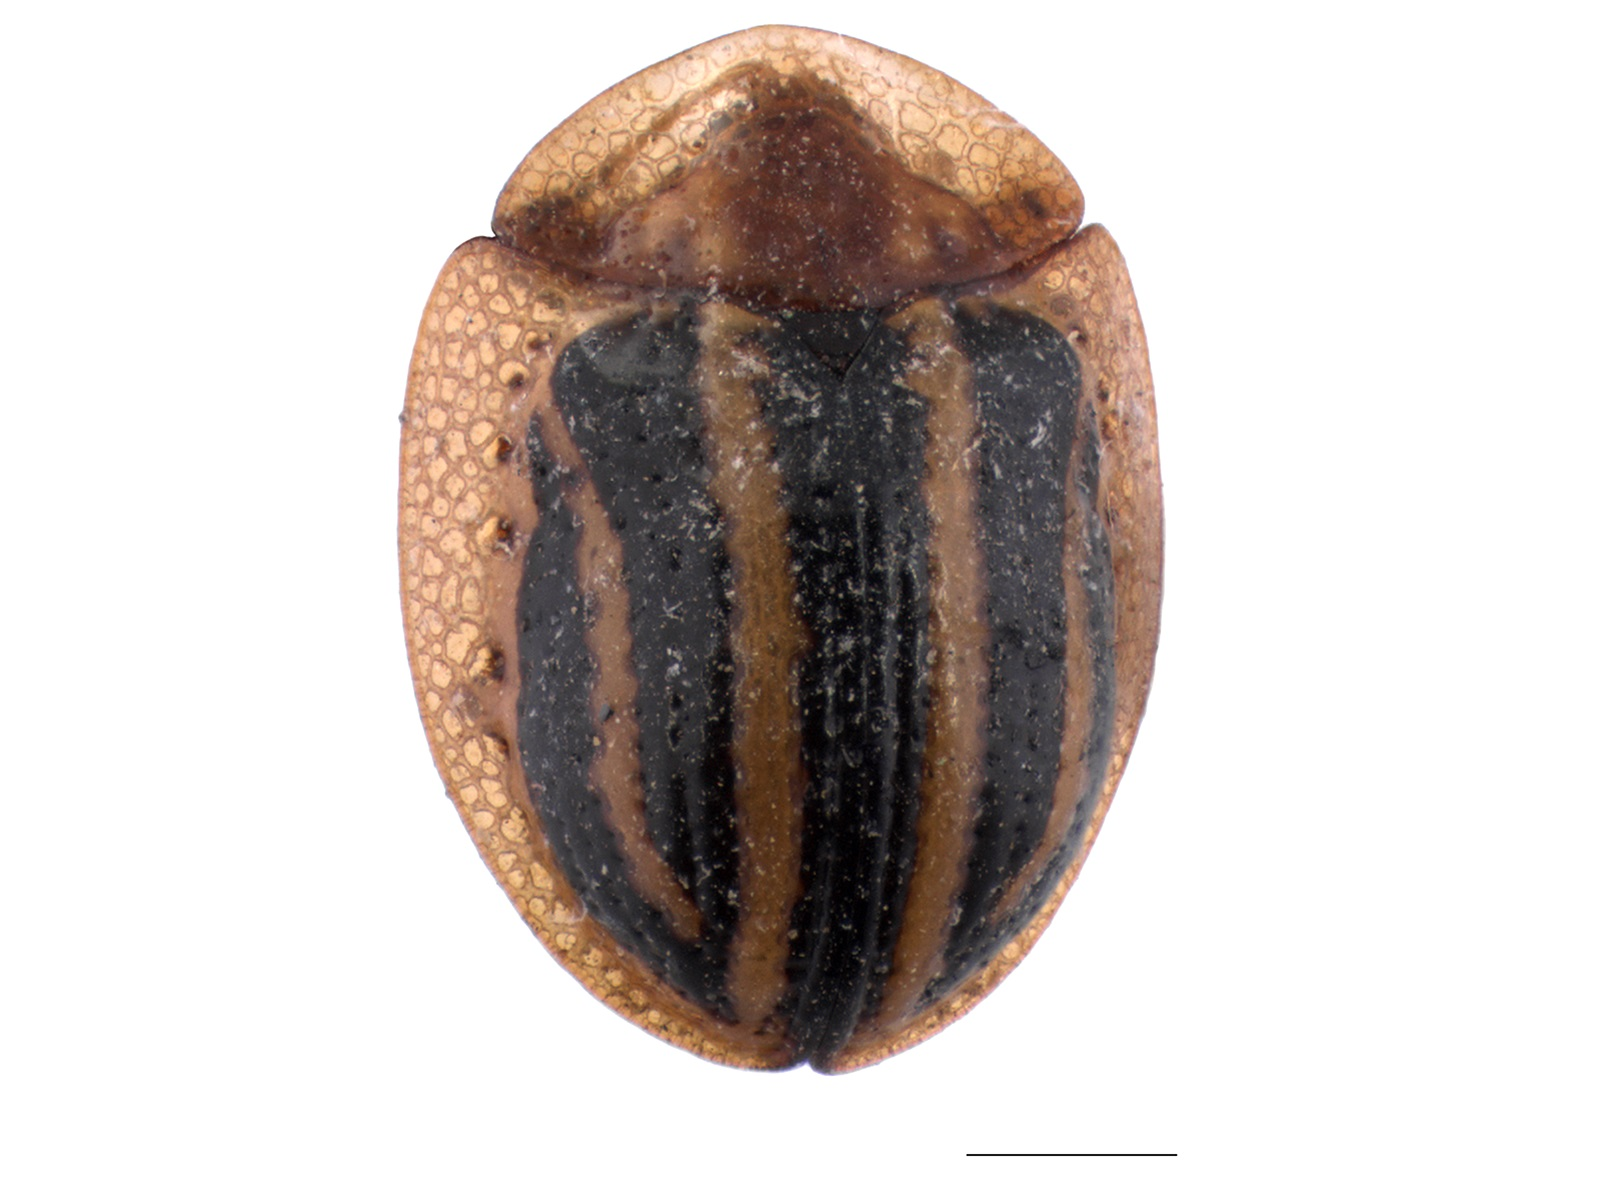 Metriona spp.